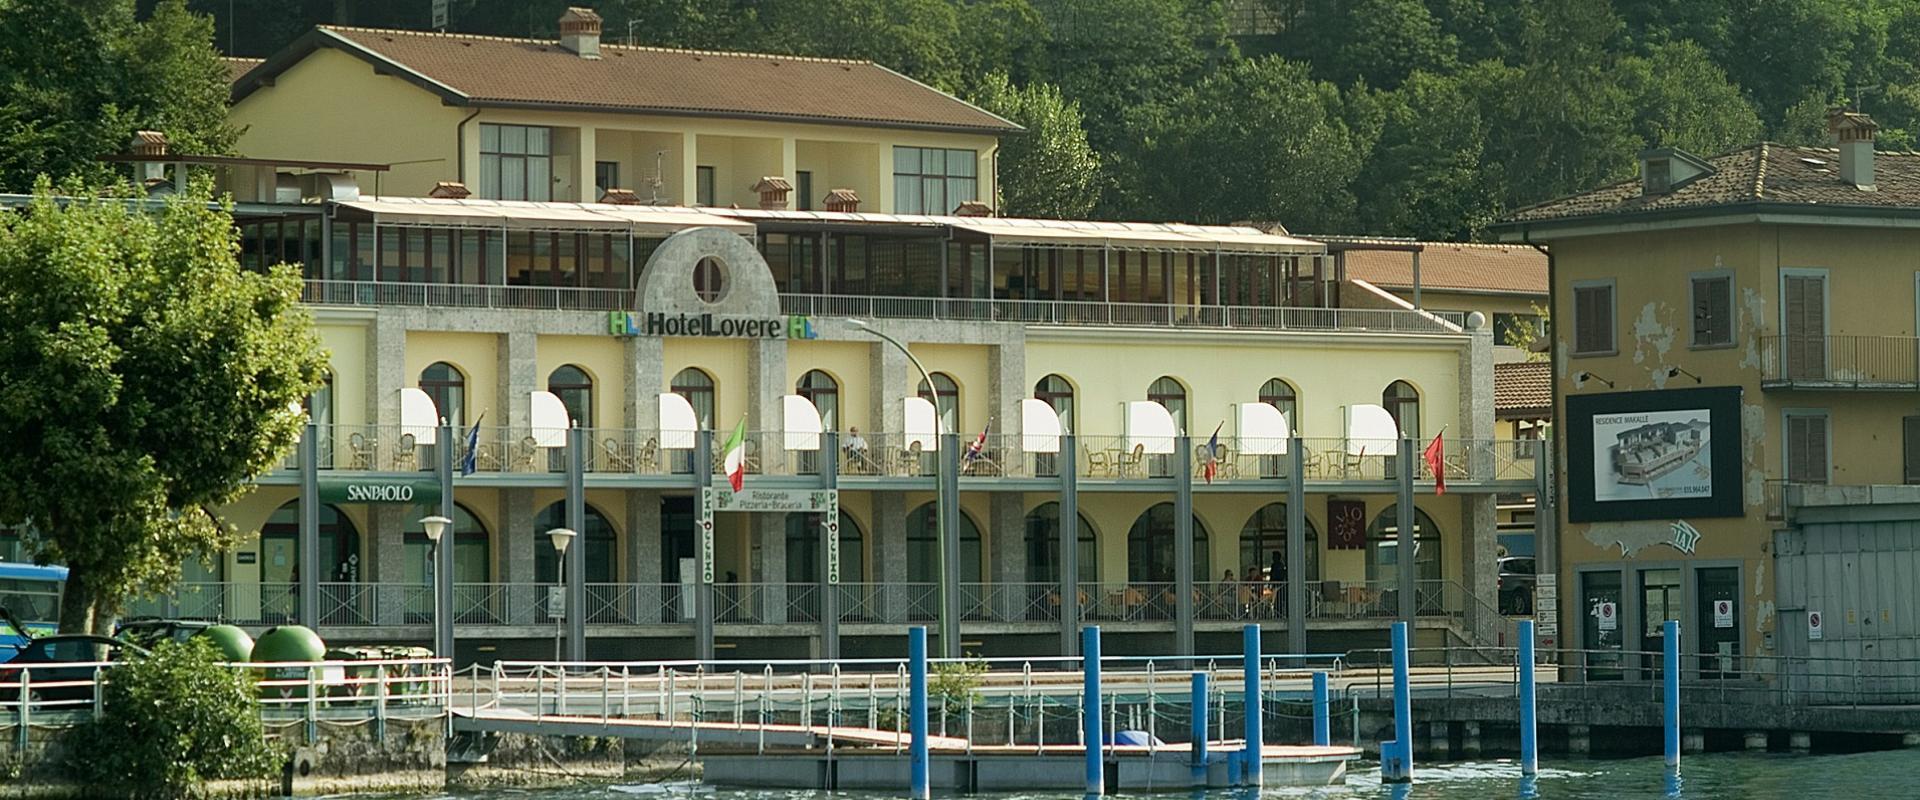 Hotel in Lovere